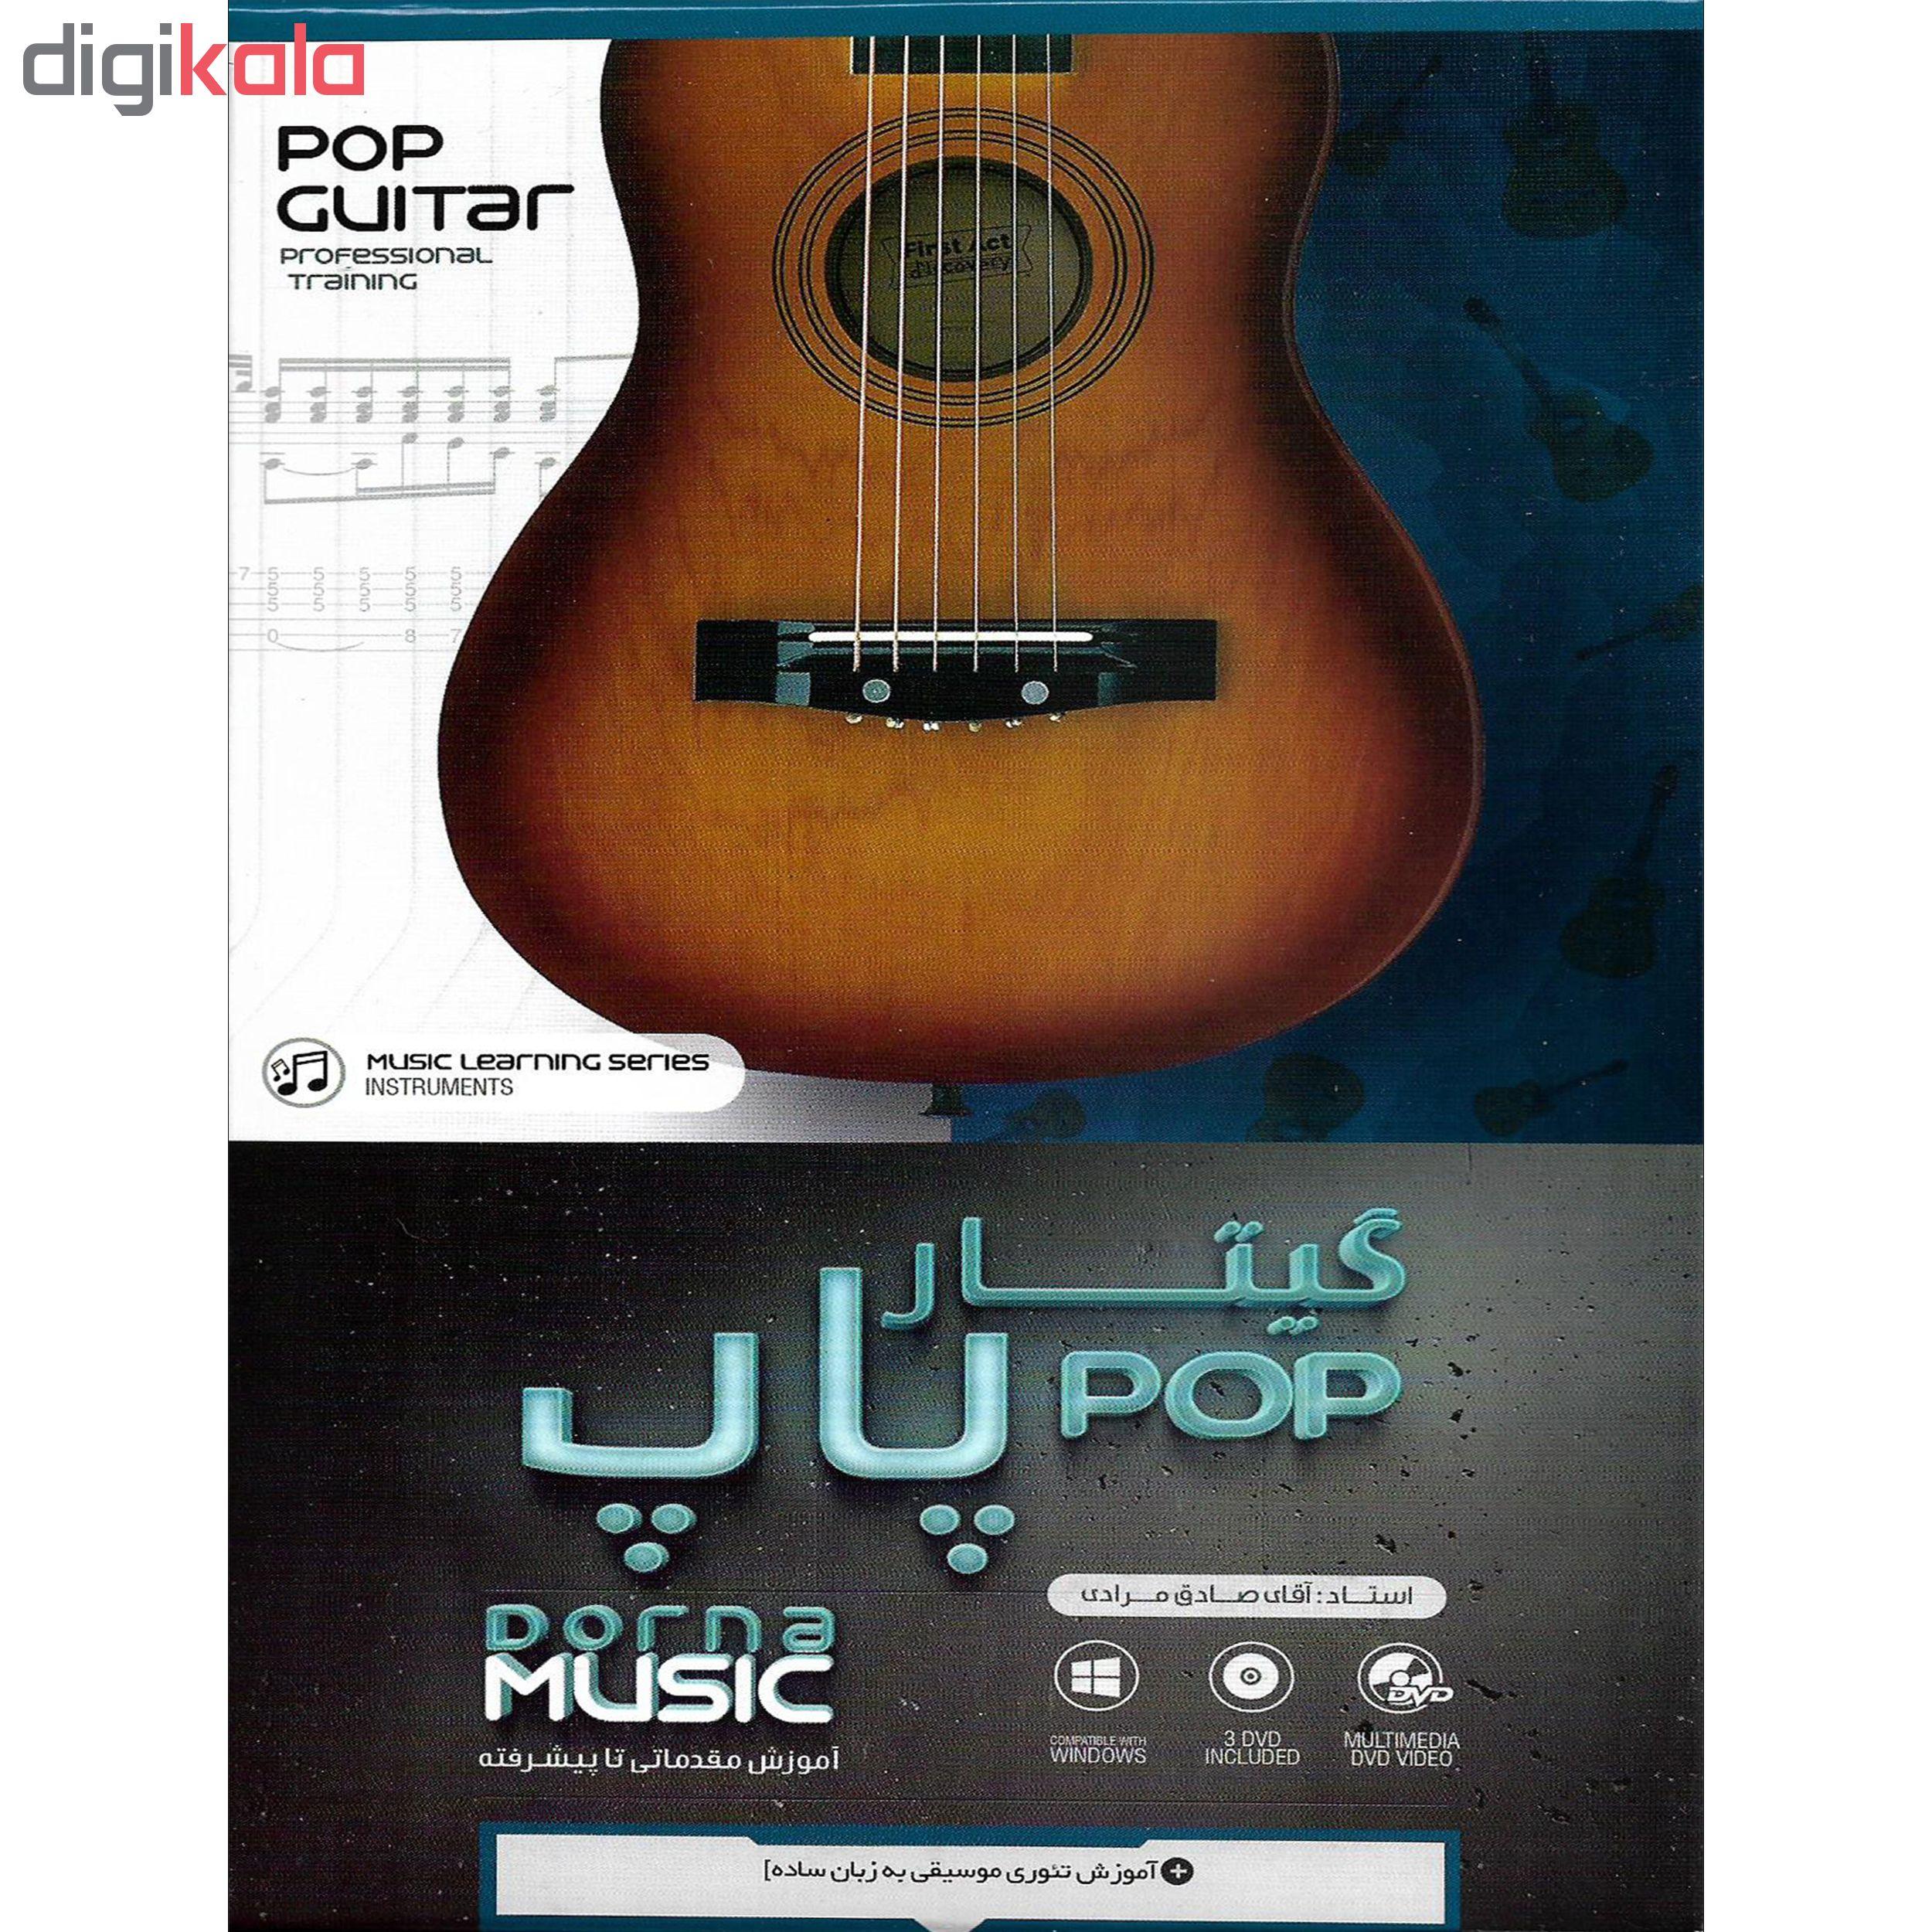 نرم افزار آموزشی تئوری موسیقی در گیتار نشر پاناپرداز به همراه نرم افزار آموزشی گیتار پاپ نشر درنا